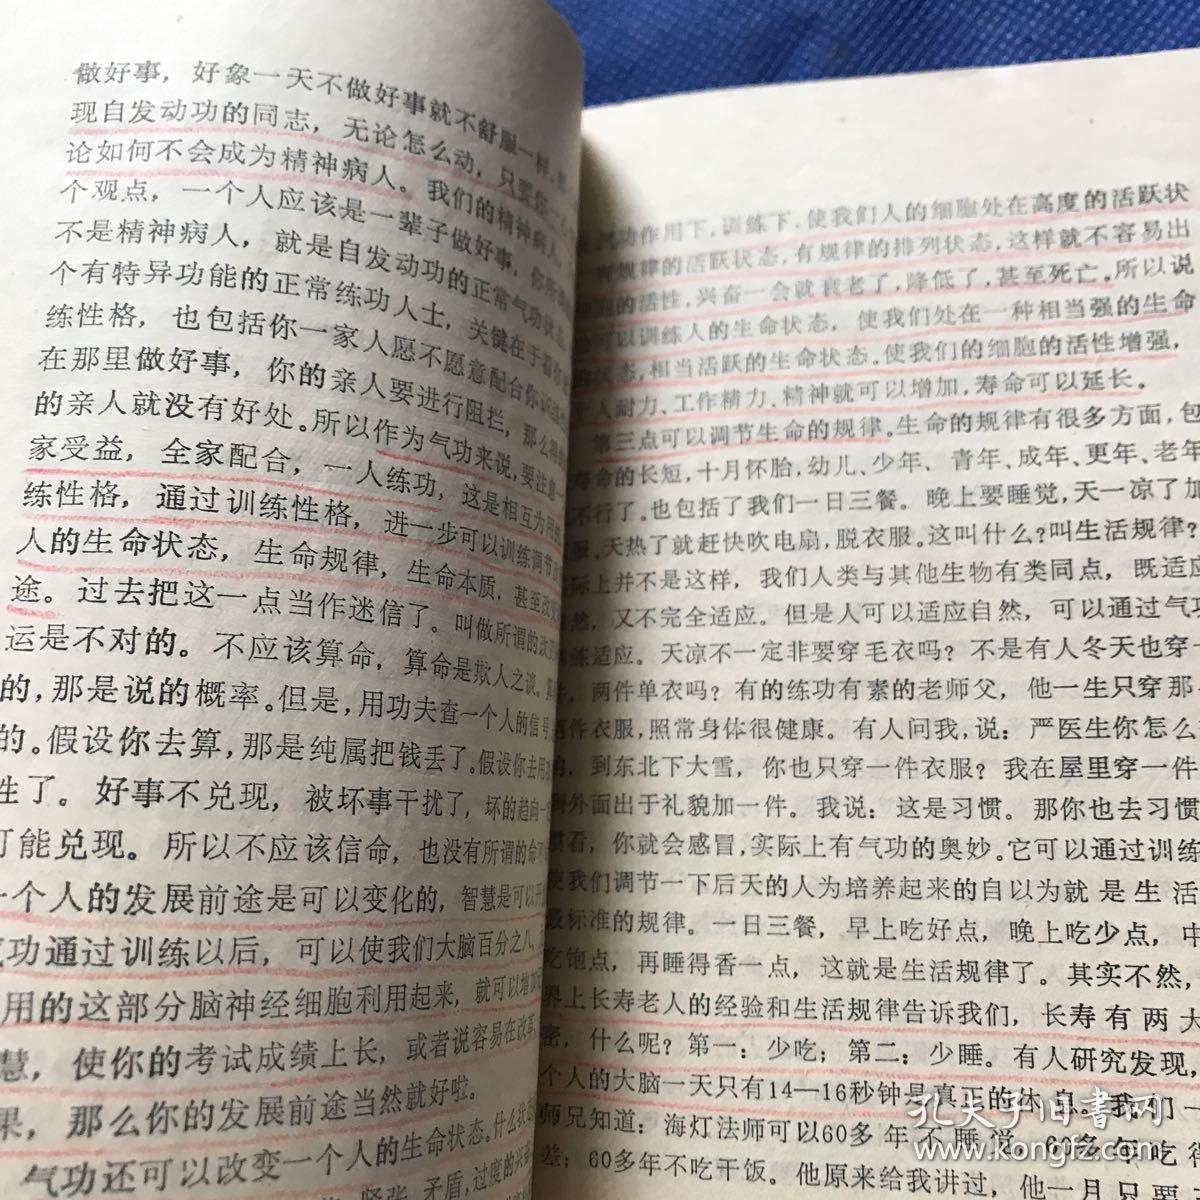 中华养生益智灌气法